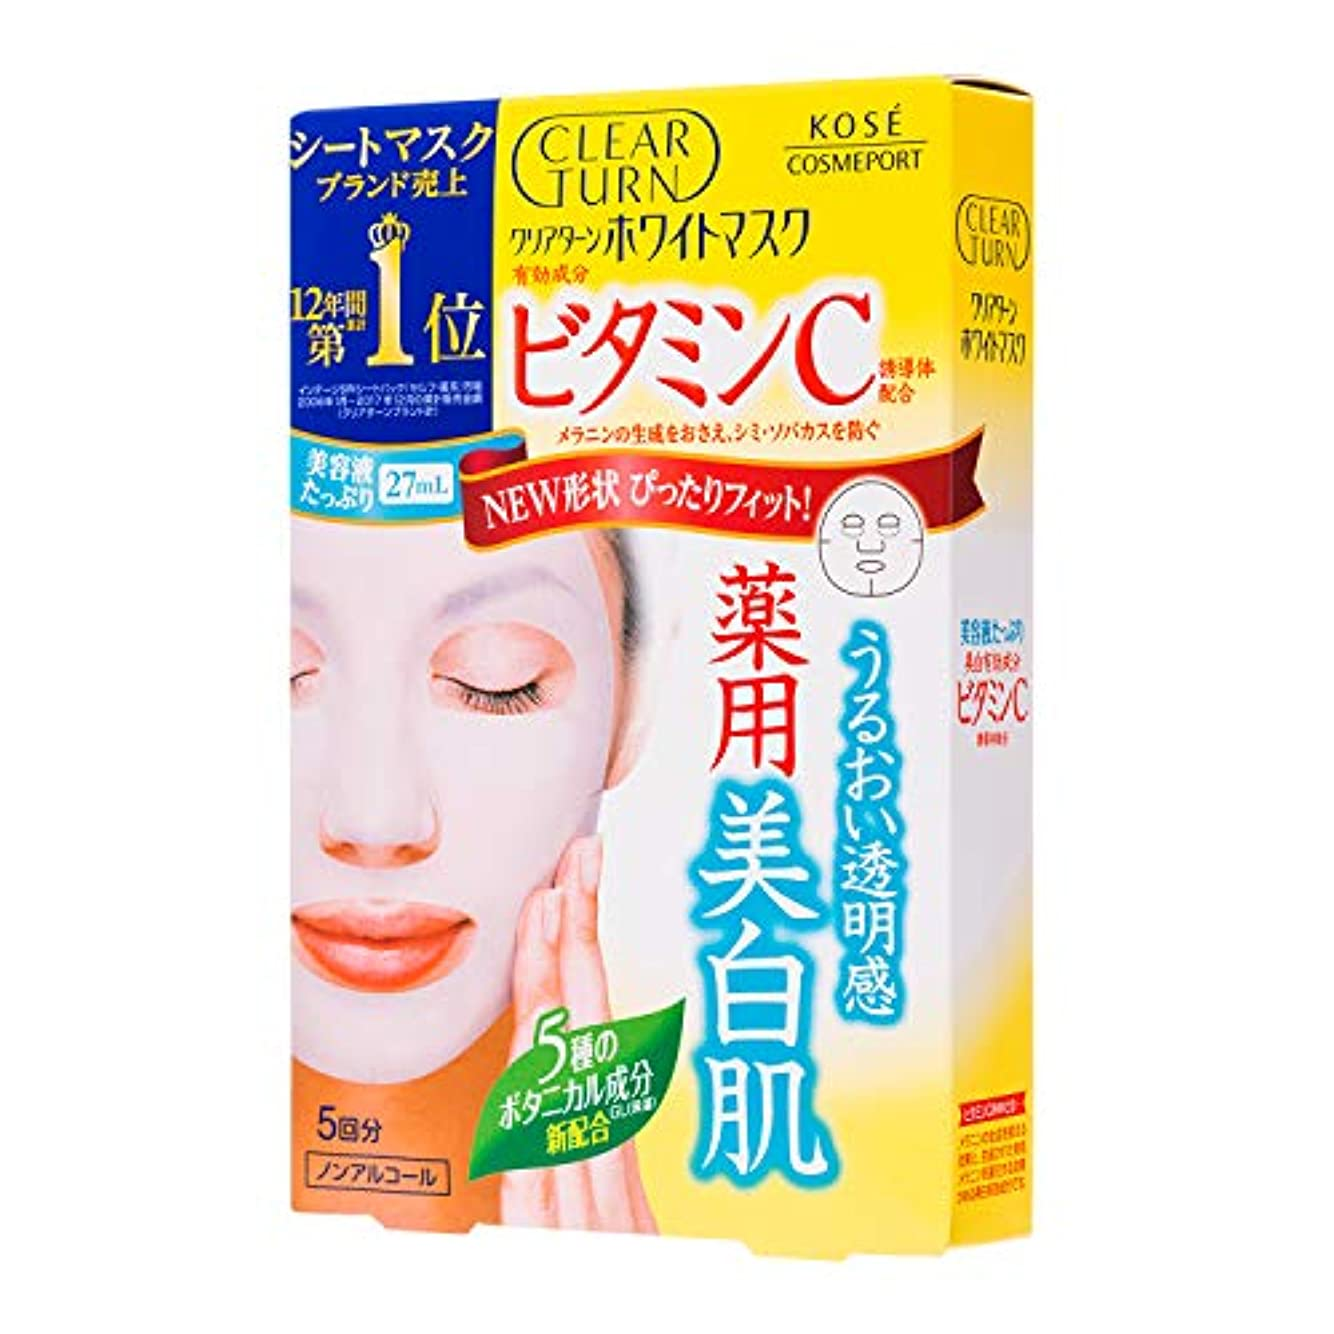 コットン安らぎ暗くするKOSE クリアターン ホワイト マスク VC c (ビタミンC) 5回分 (22mL×5)